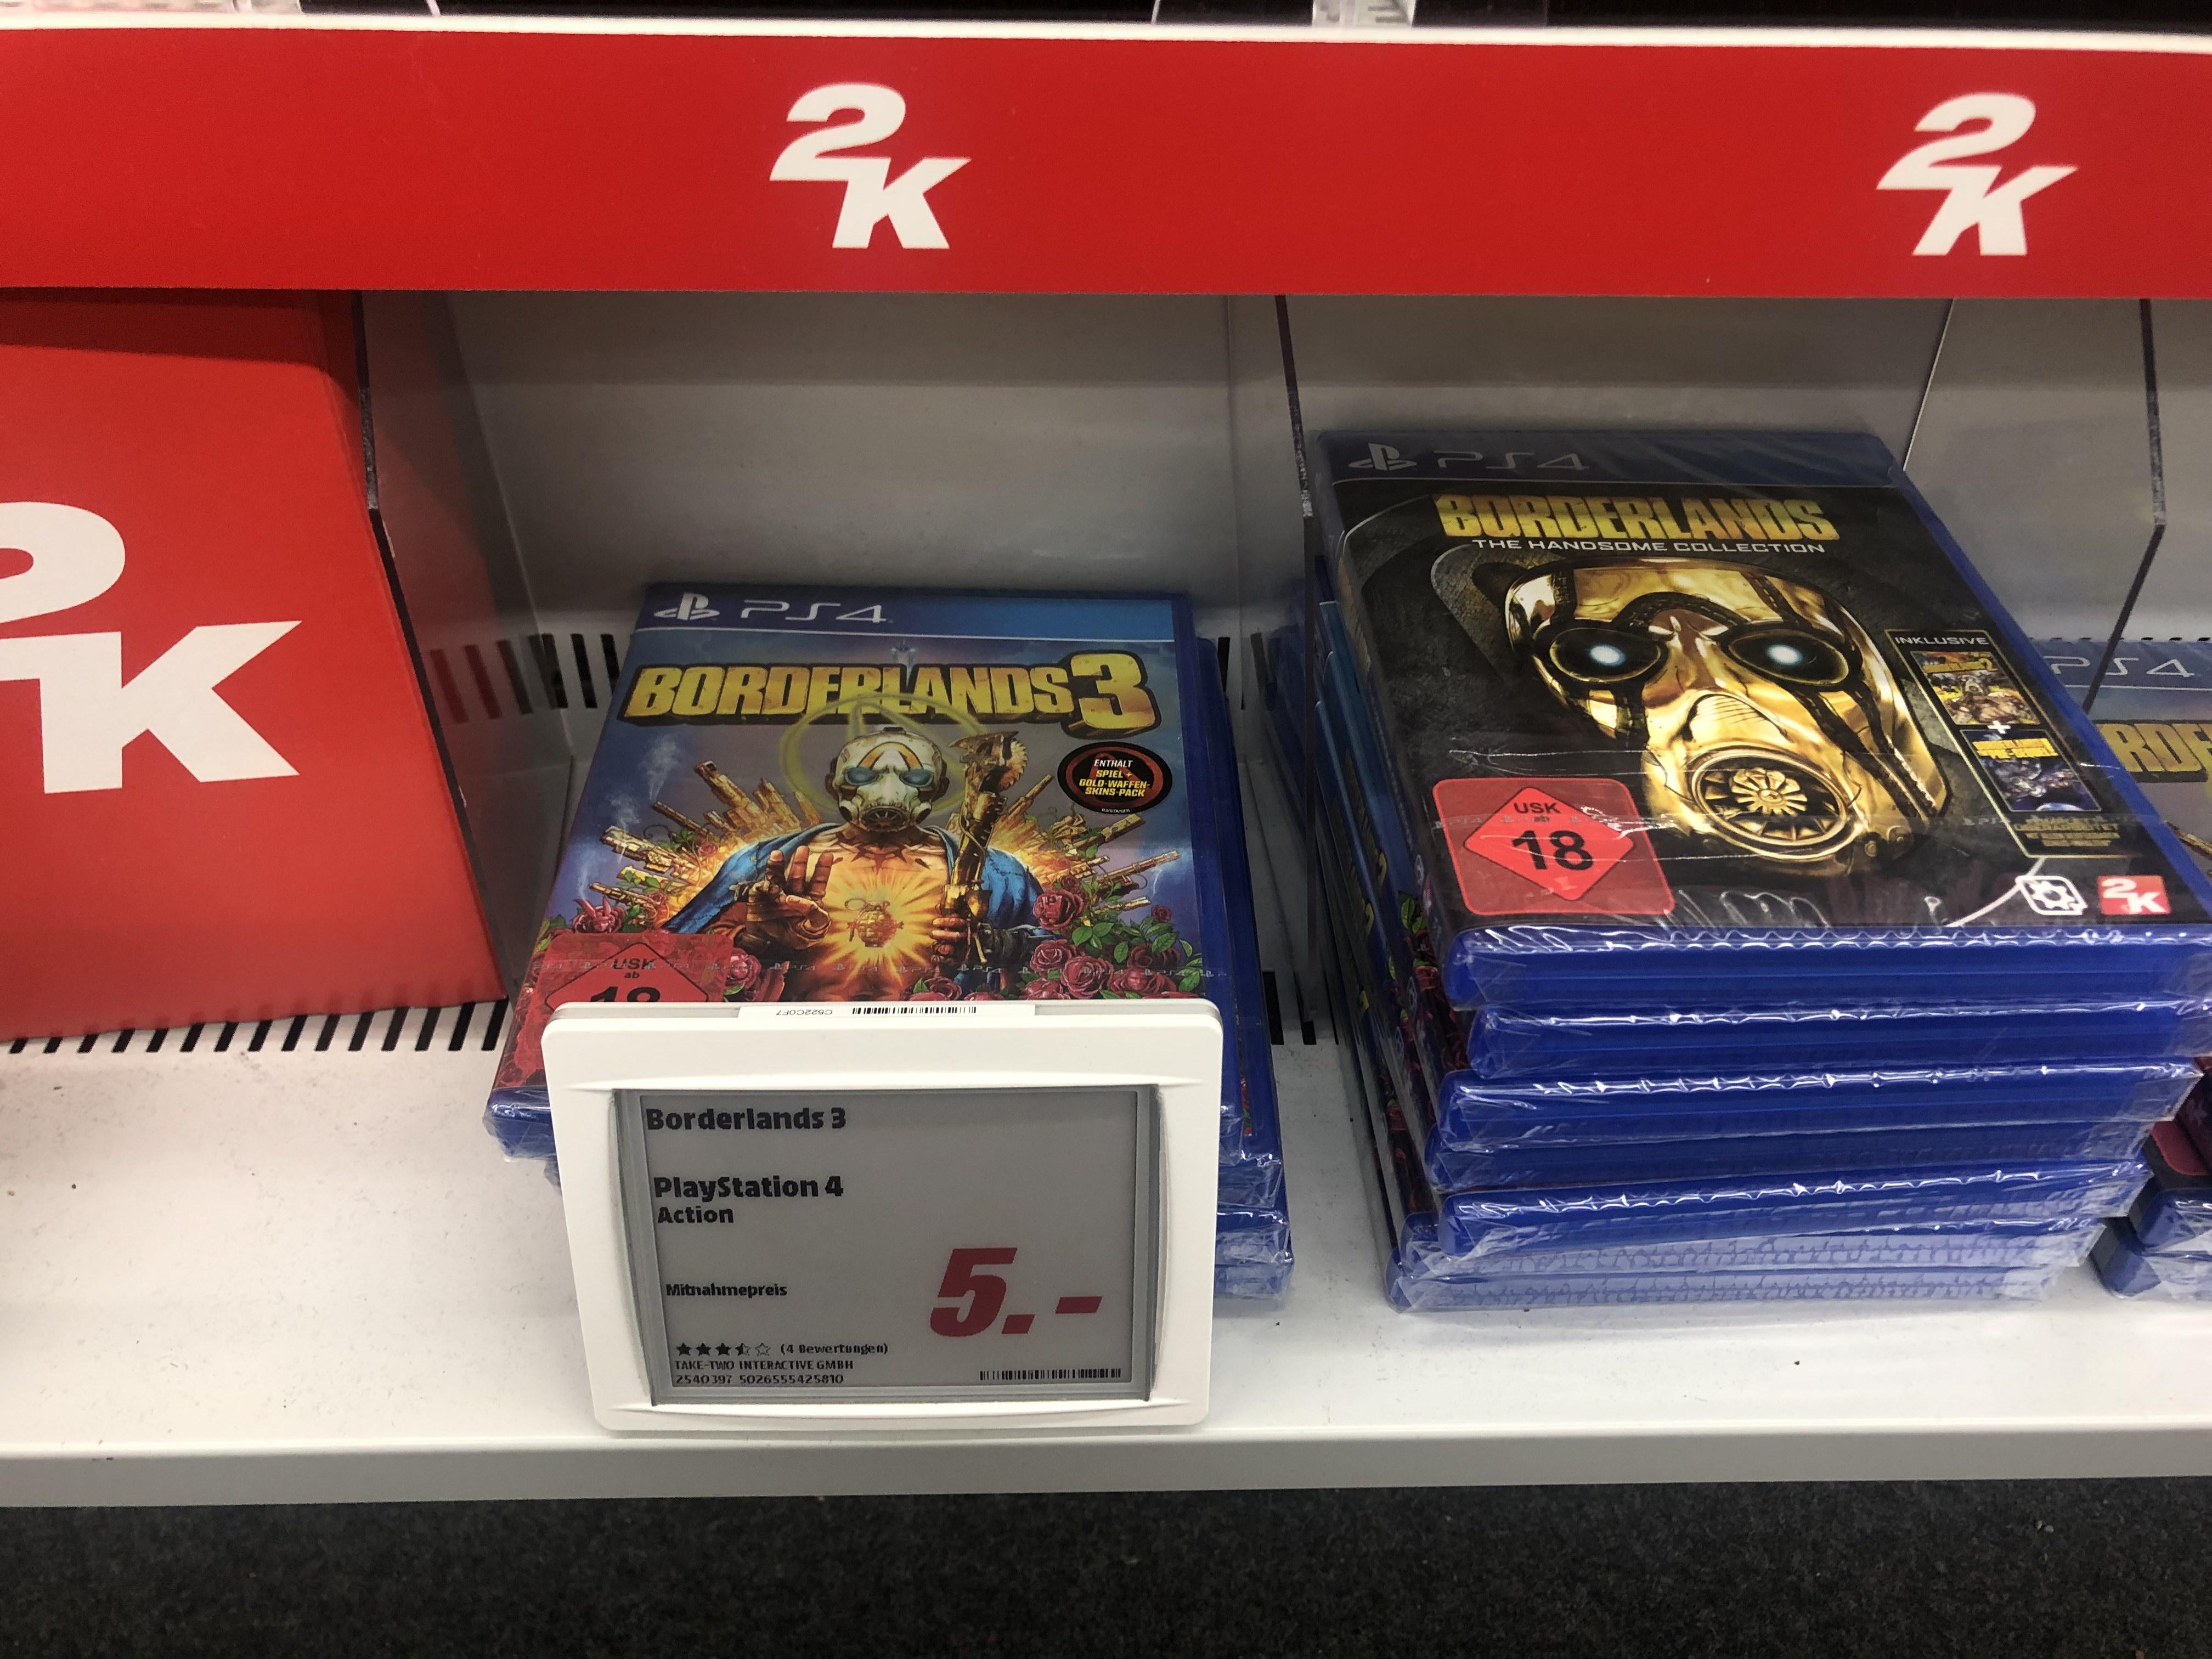 [Lokal] Media Markt Pasing Arcaden - Borderlands 3 PS 4